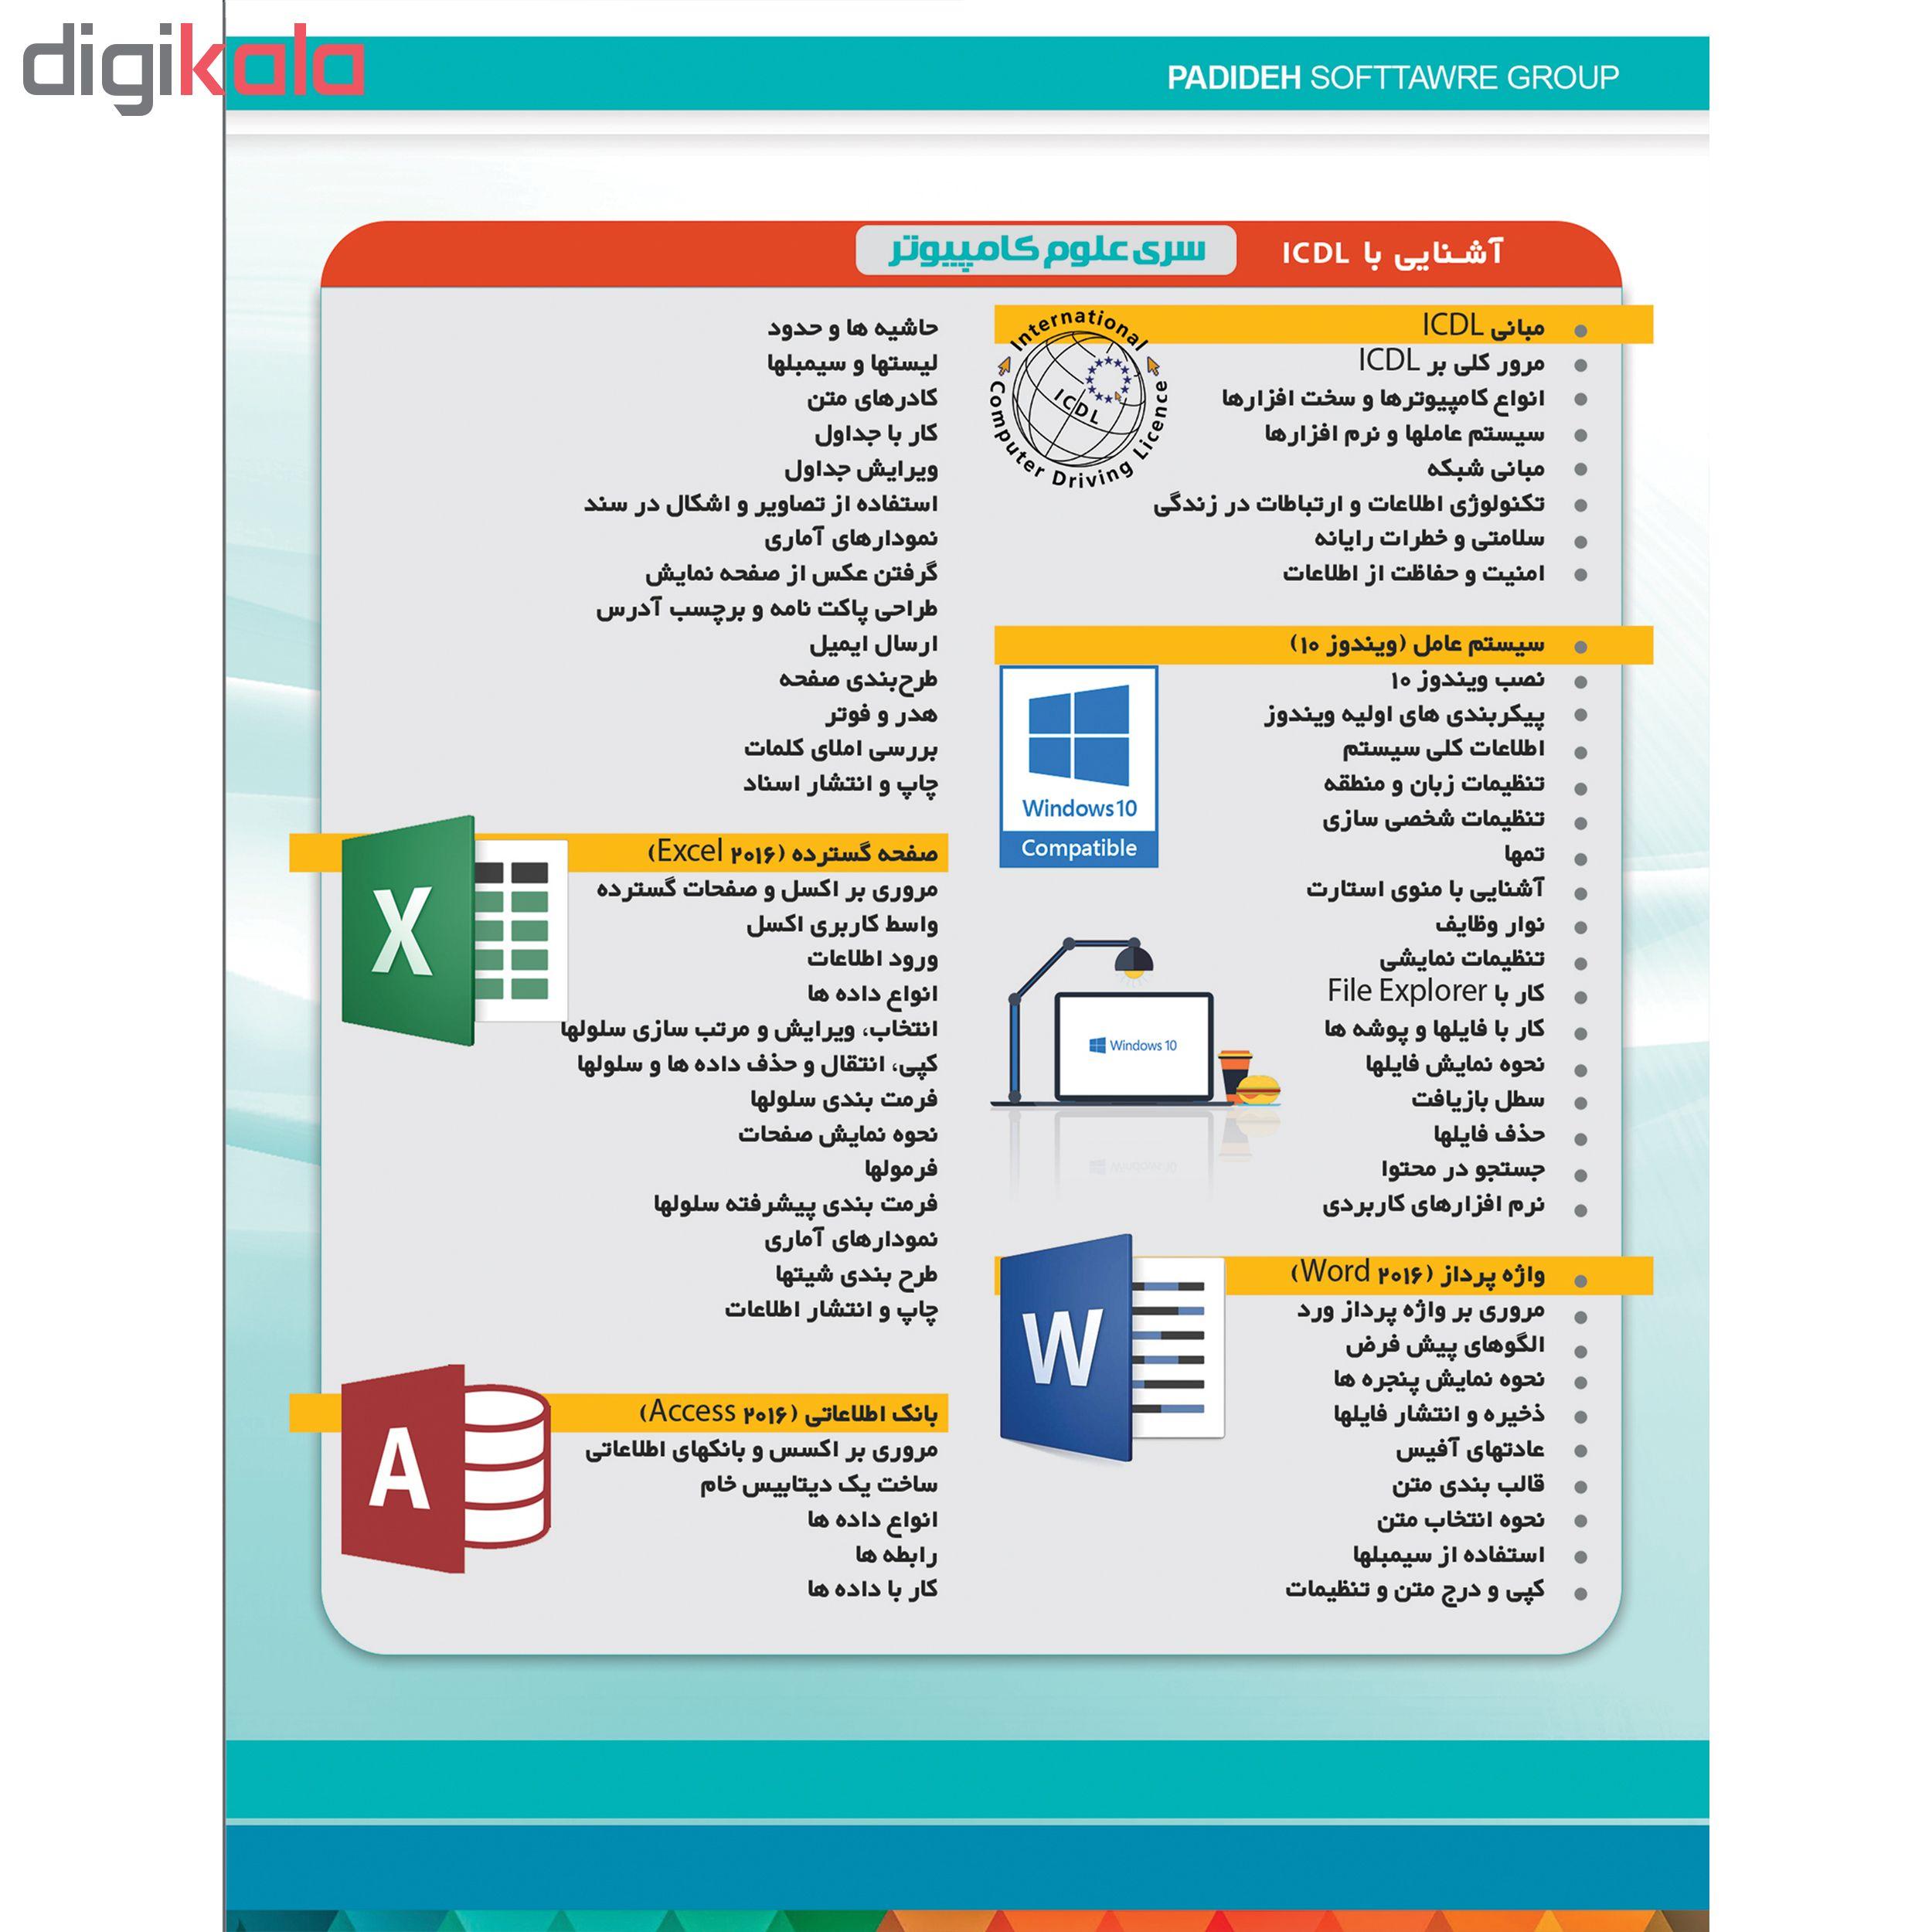 نرم افزار آموزش مهارت هفتگانه کامپیوتر ICDL 2016 نشر پدیده به همراه نرم افزار آموزش منشی گری نشر پدیده